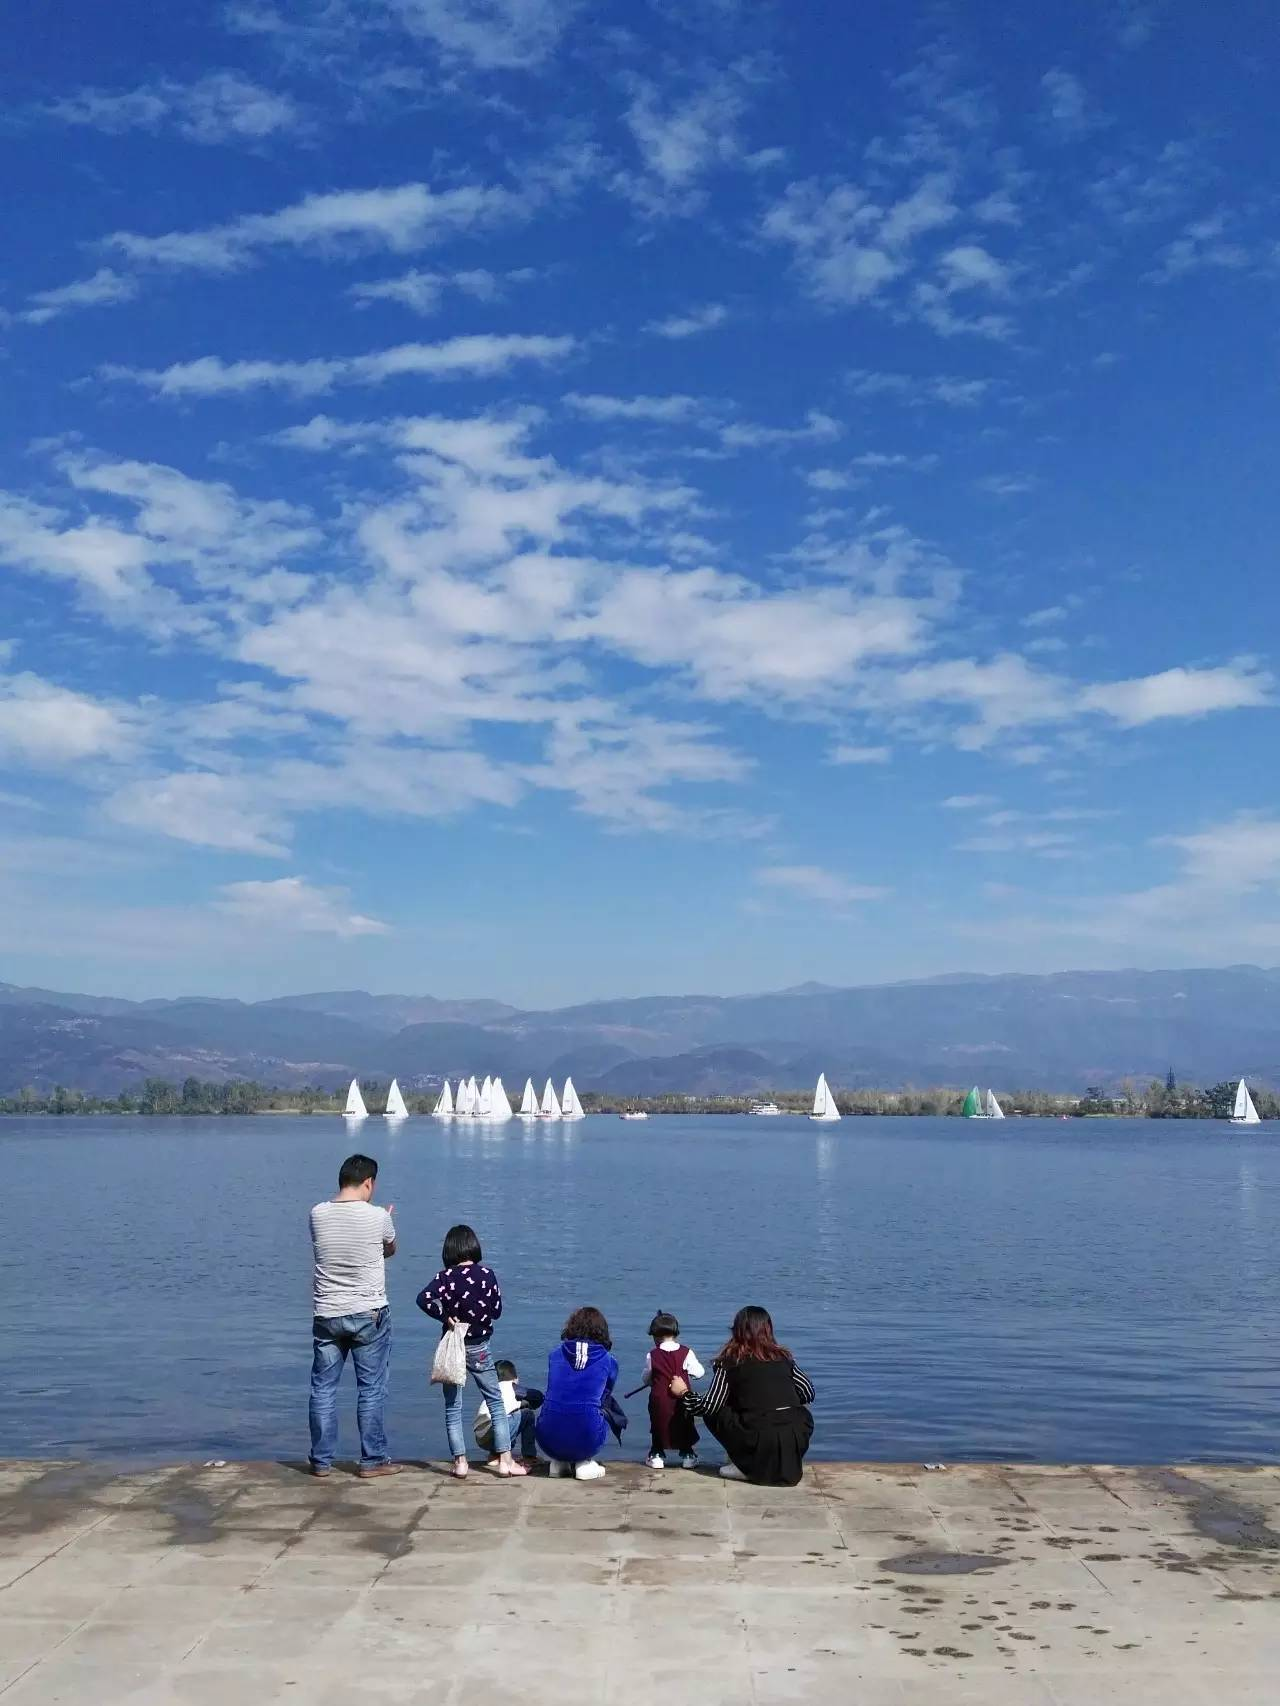 邛海帆船赛第二日比赛赛况 cdc16bb509e01703e1636c9a3759019a.jpg